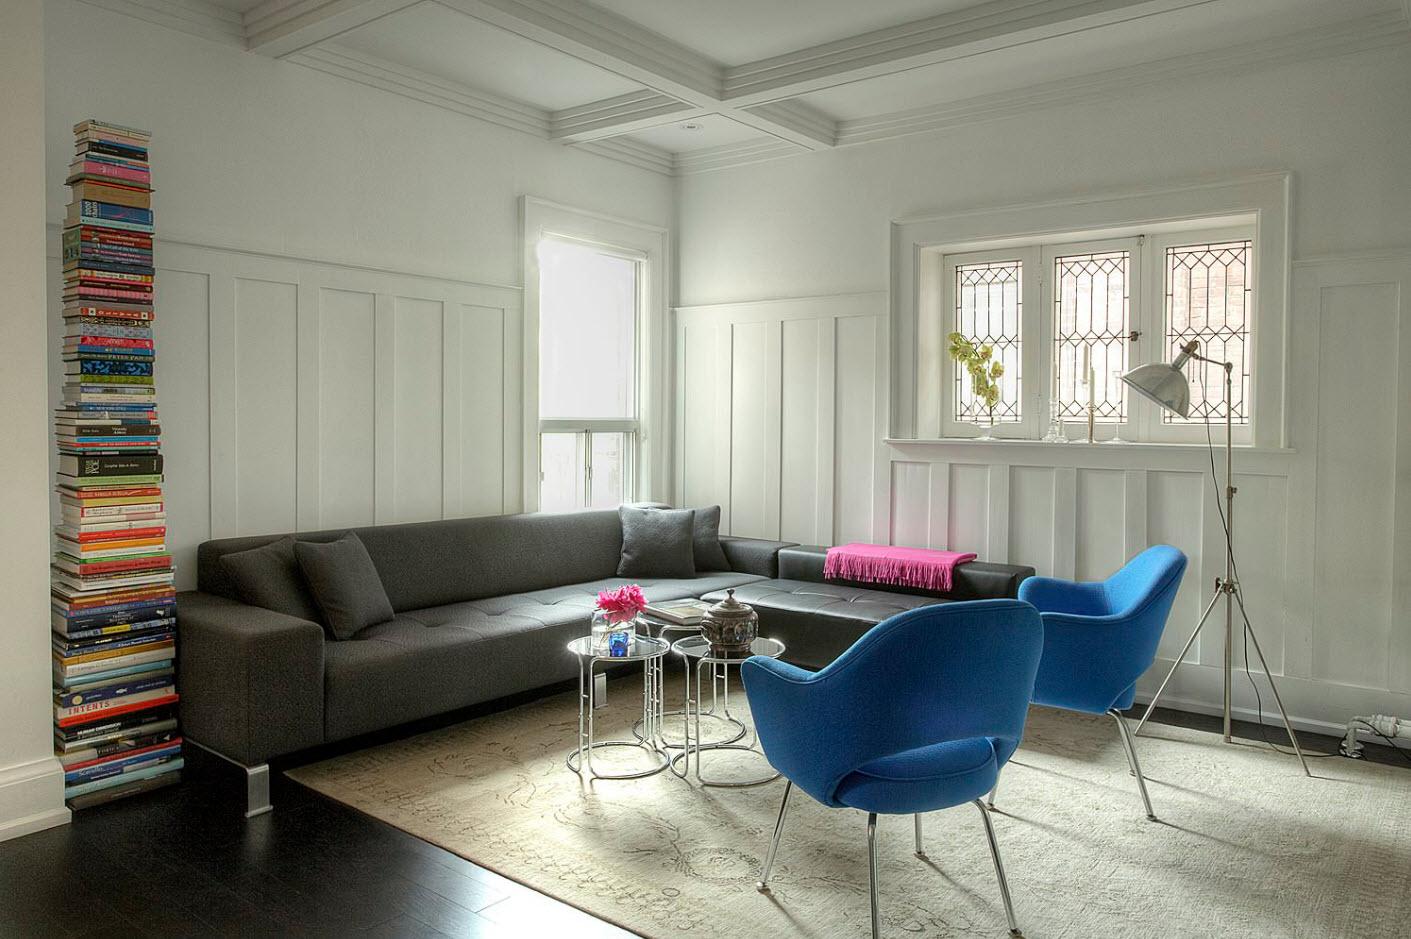 Яркие кресла в нейтральном помещении